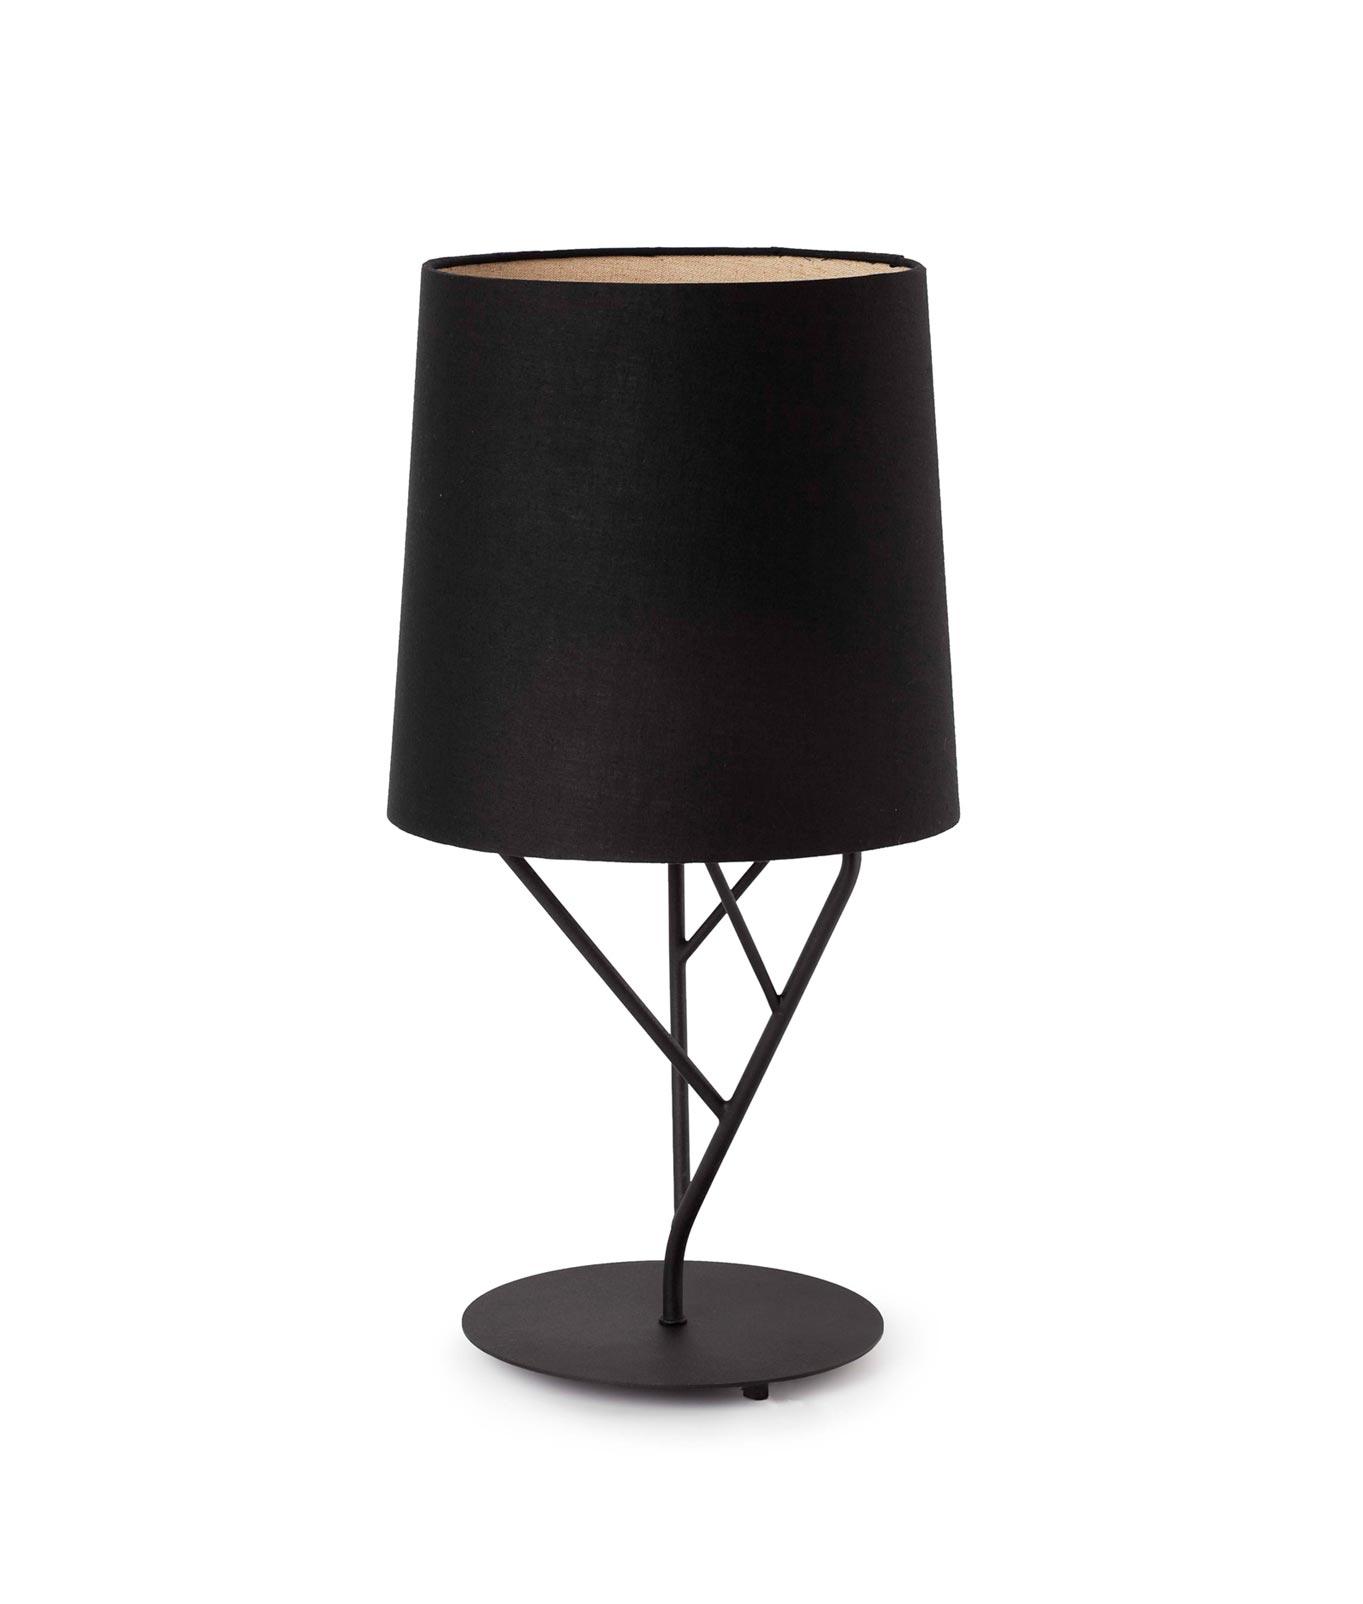 Lámpara de mesa negra TREE cambio posición